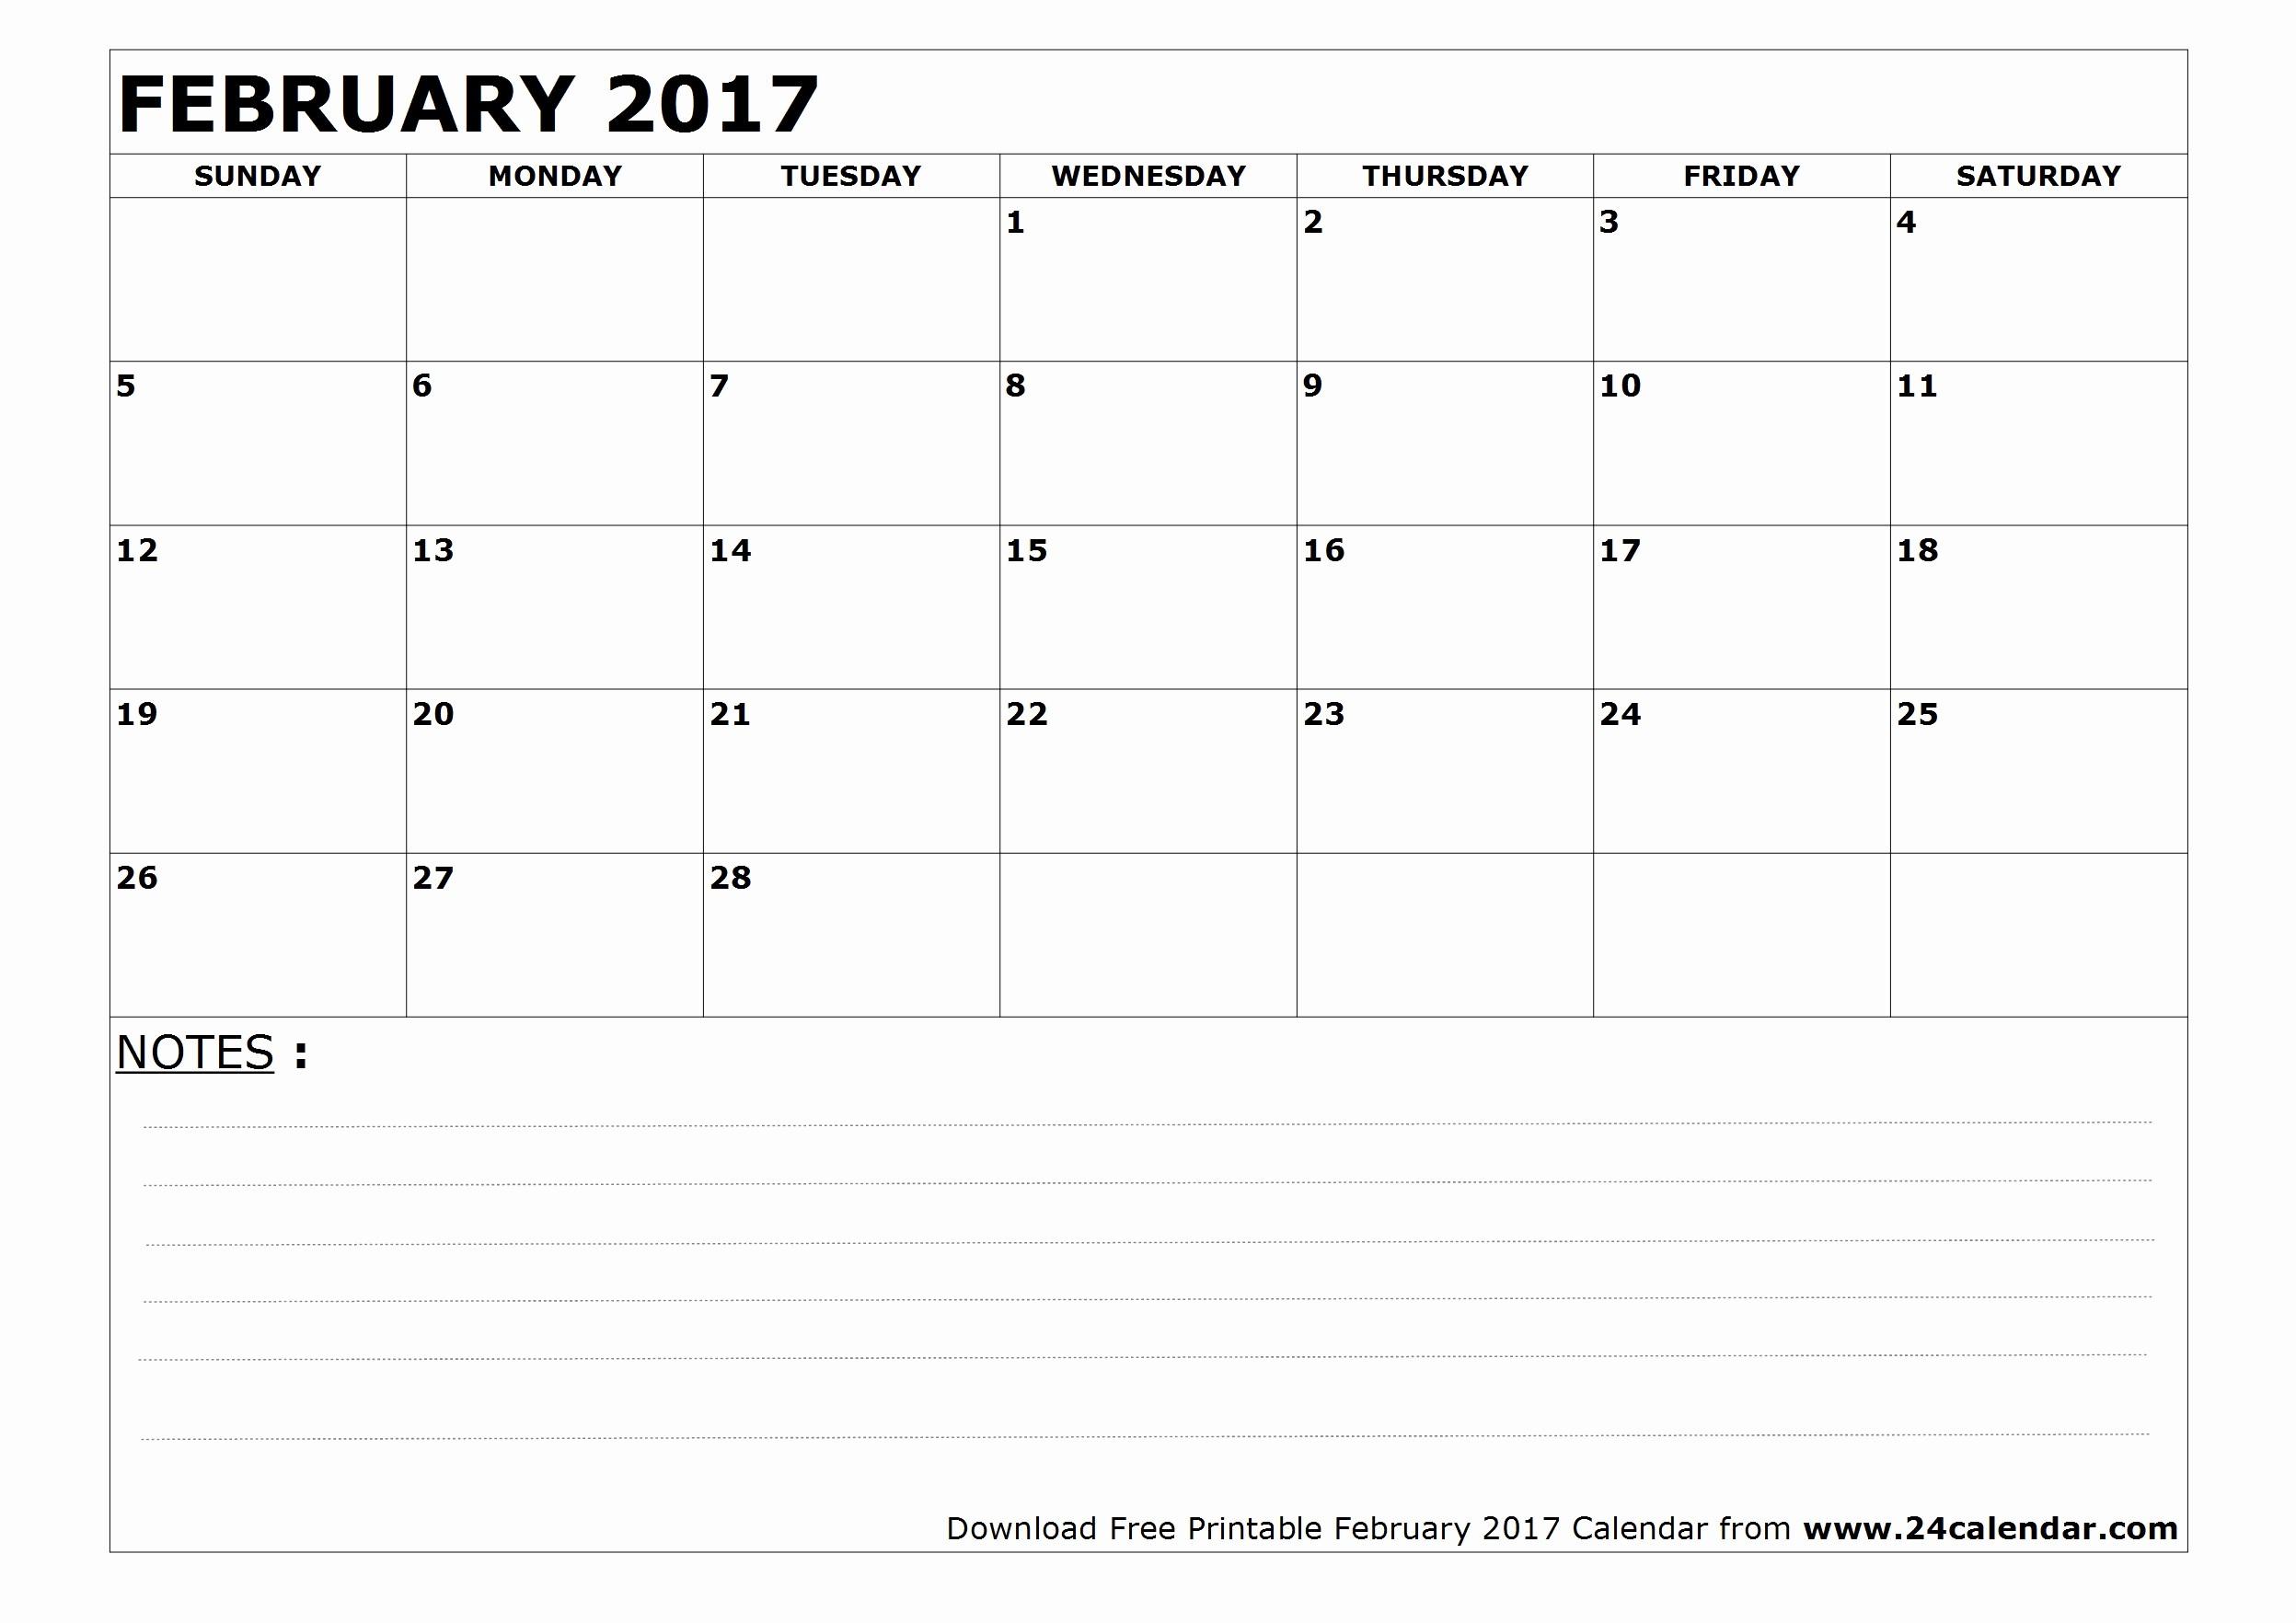 Blank May Calendar 2017 Printable Best Of Blank February 2017 Calendar In Printable format